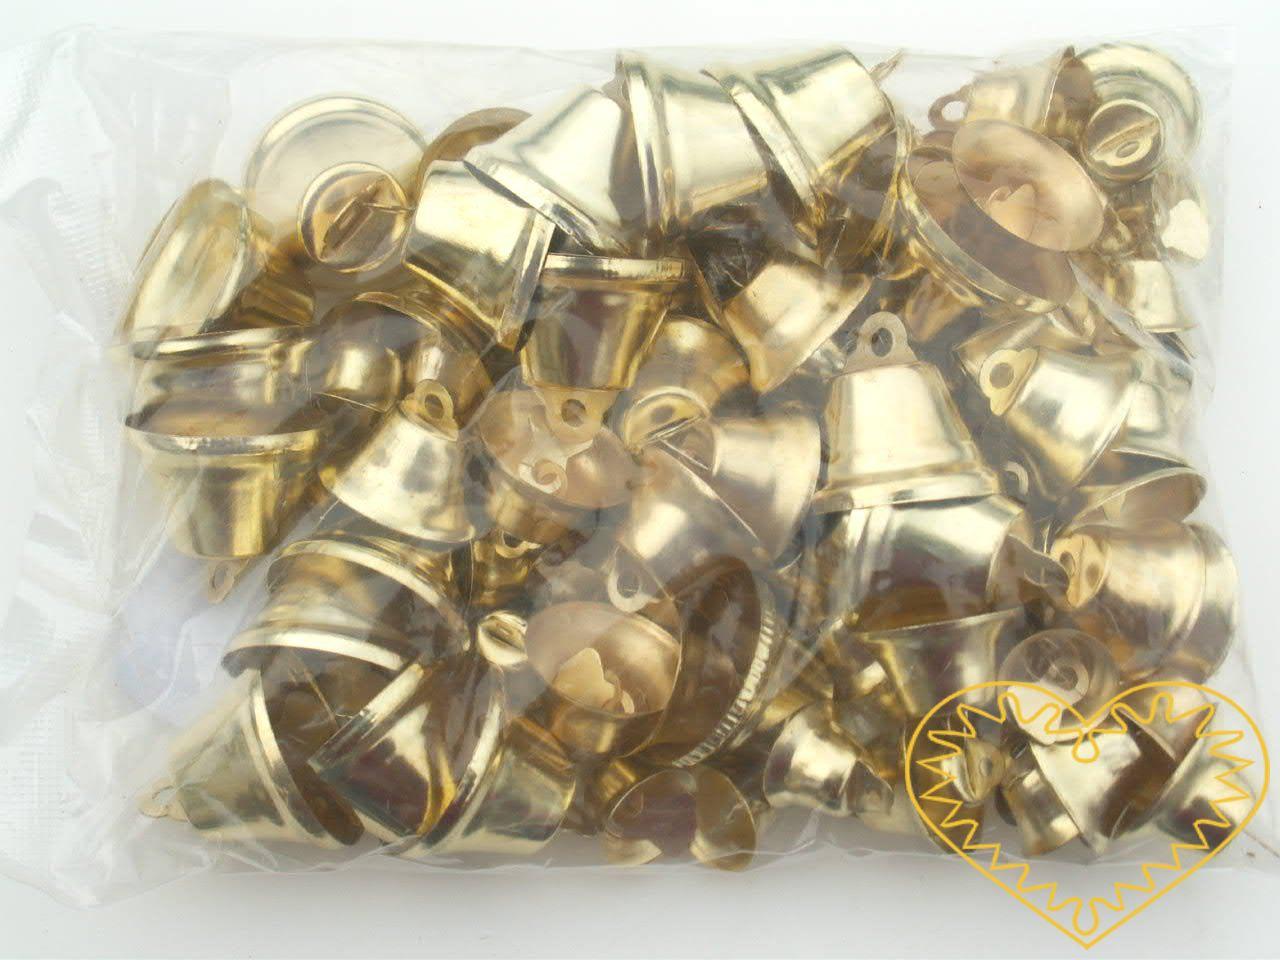 Zlaté kovové zvonečky - sada 100 ks. Zvonečky mají různé velikosti (od 1 do 2 cm + závěs). Každý má srdce z plíšku, takže skutečně zvoní. Vhodné pro tvorbu dekorací a vánočních aranžmá.